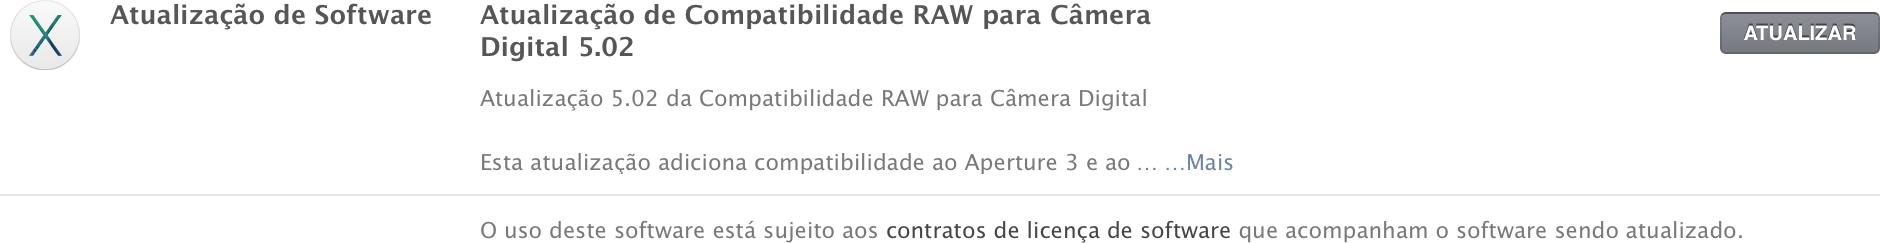 Atualização RAW (versão 5.02)